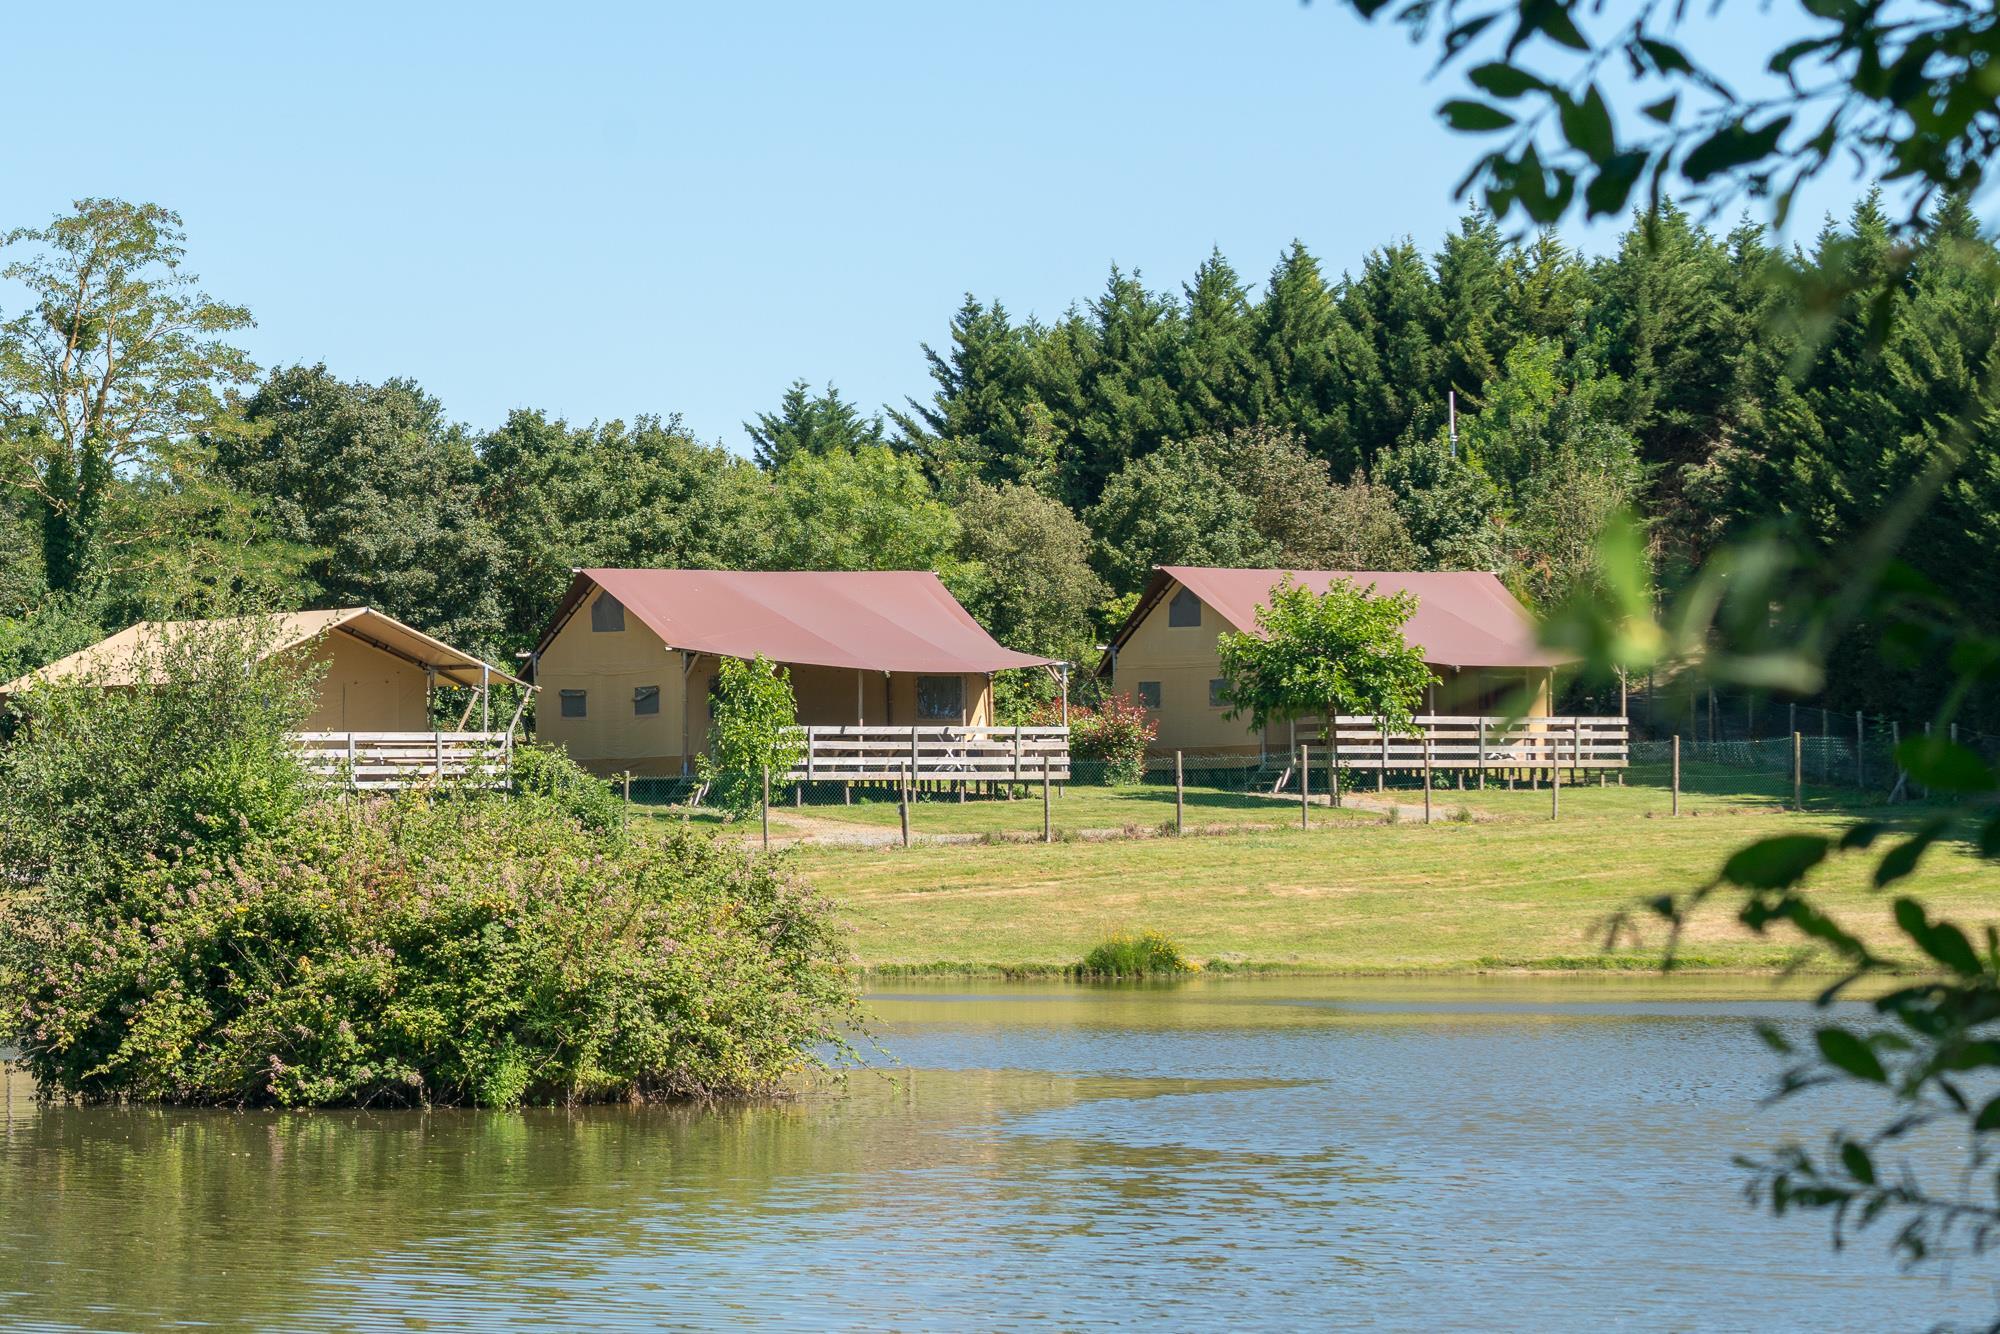 Location - Safari Lodge, Climatisée - 8 Pers - Village de la Guyonnière